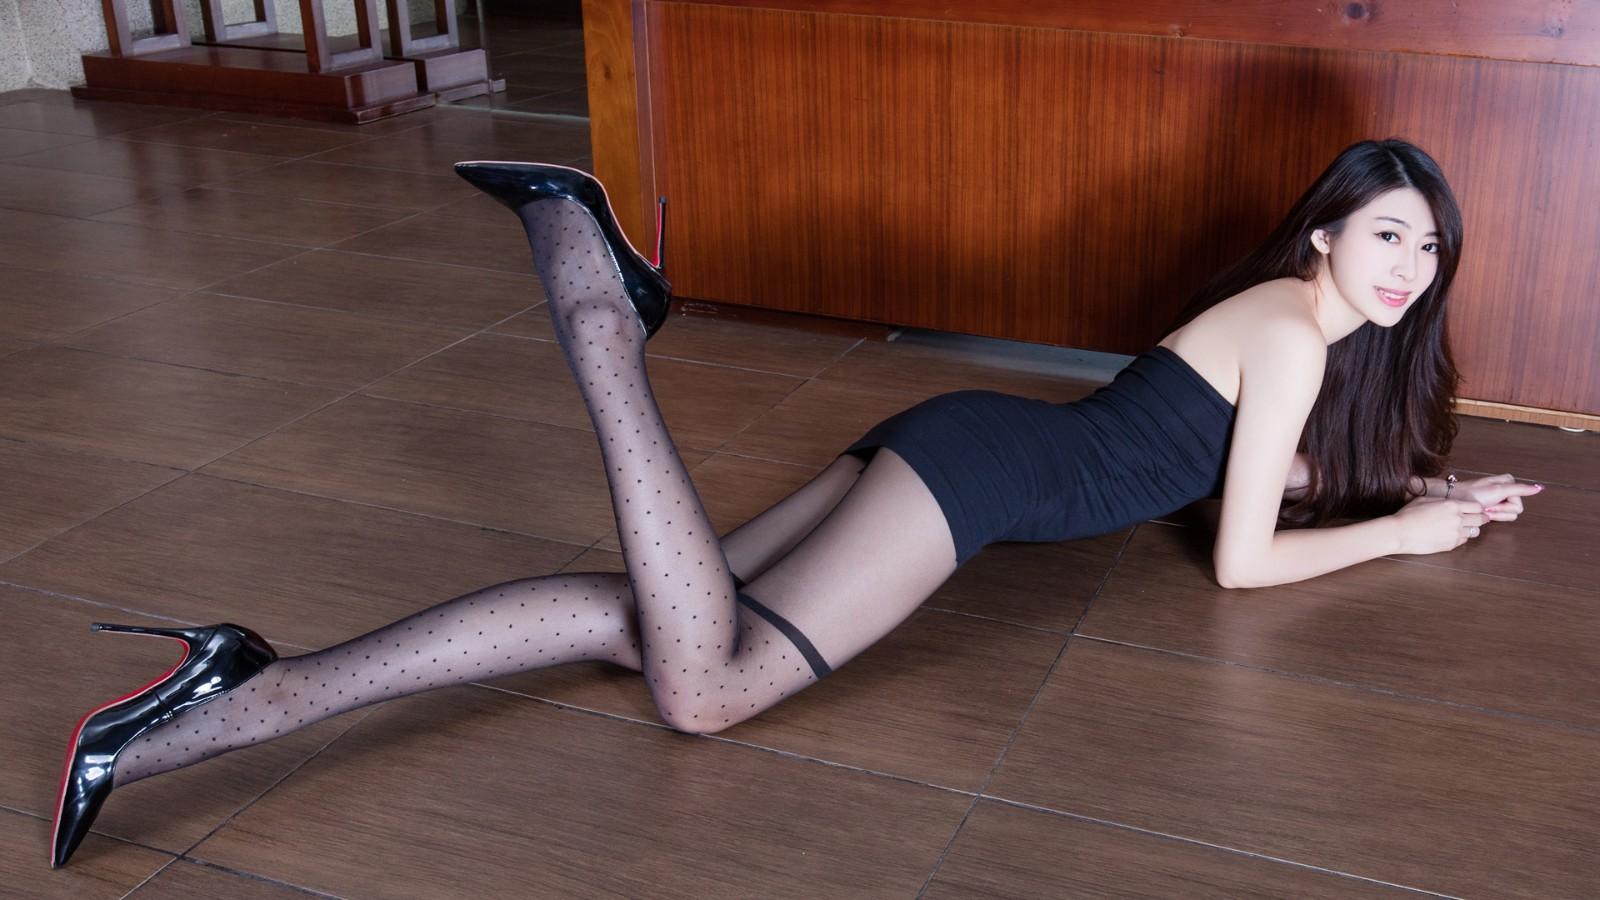 腿模Flora黑色丝袜美腿壁纸